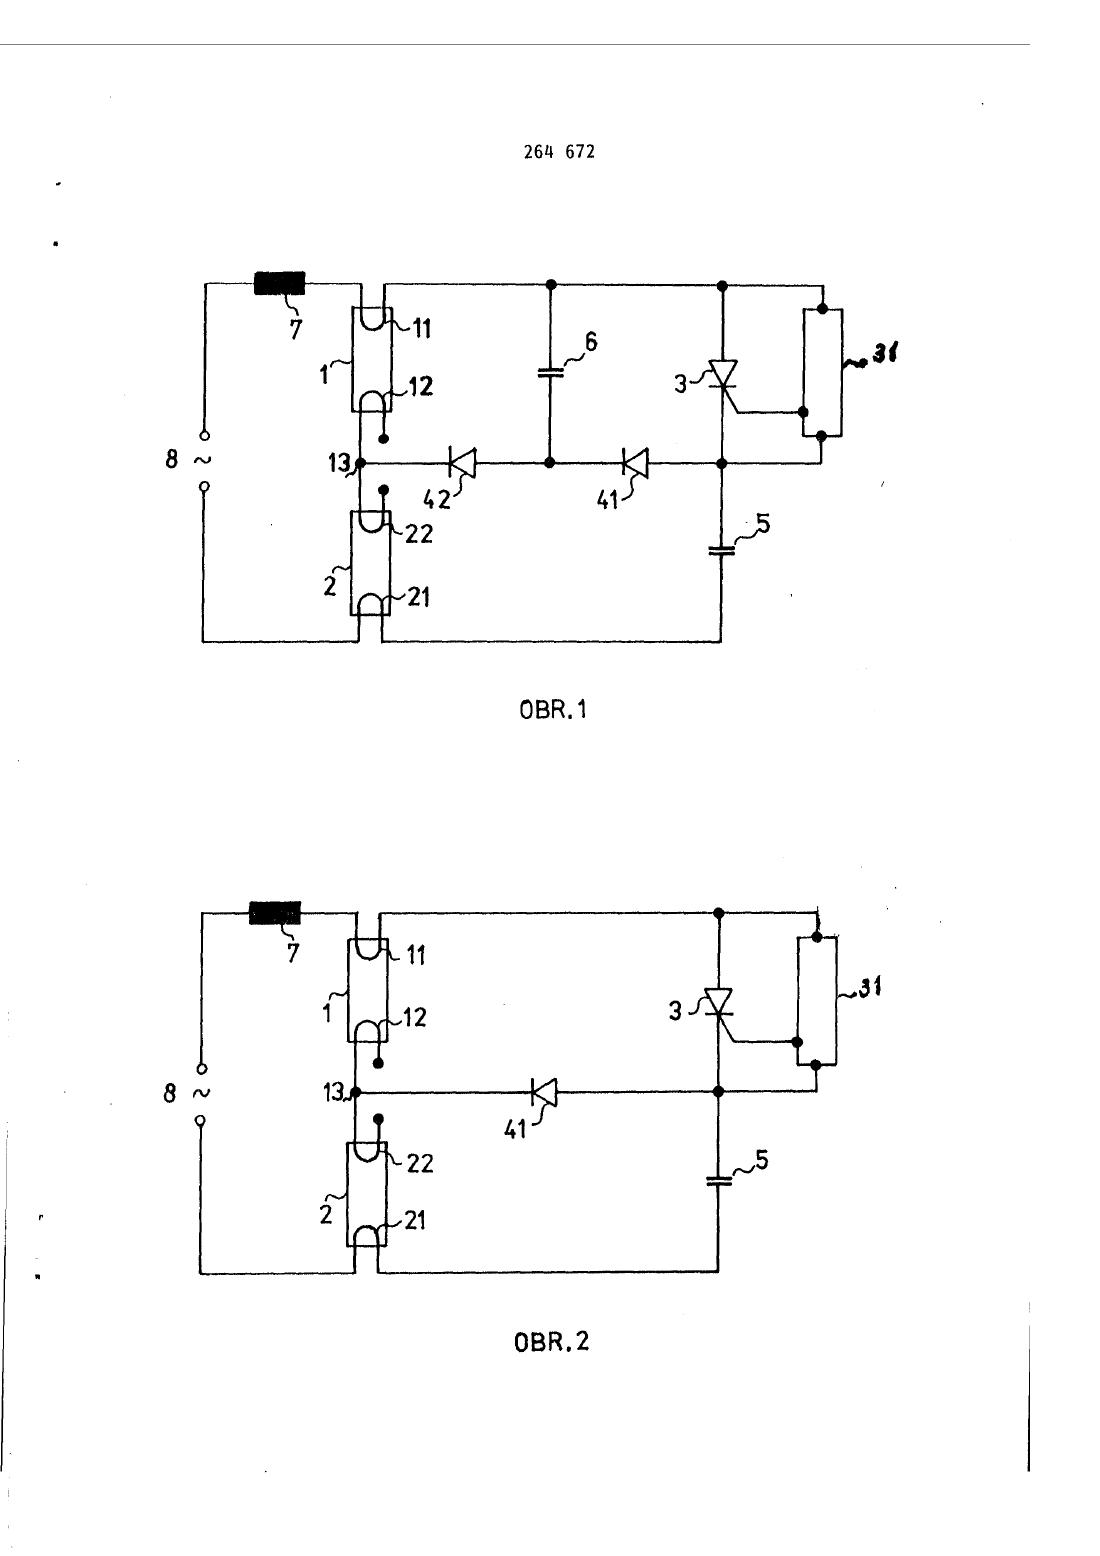 Zapojeni Pro Zapalovani Serie Zarivek 14 08 1989 264672